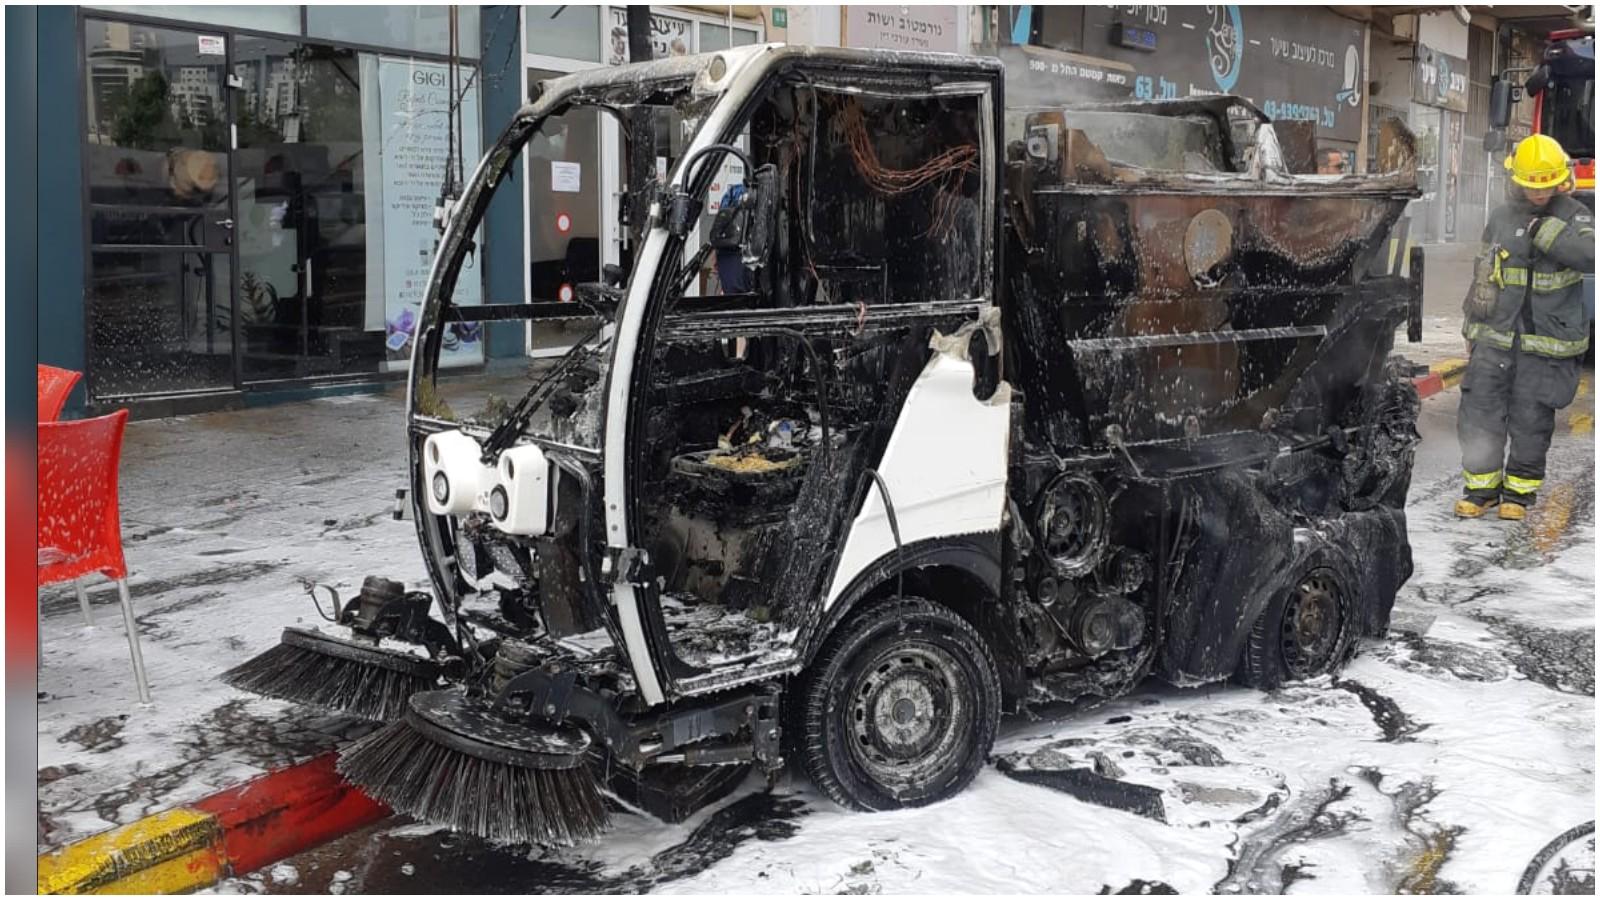 רכב טאטוא שעלה באש ברחוב אורלוב. צילום כיבוי אש